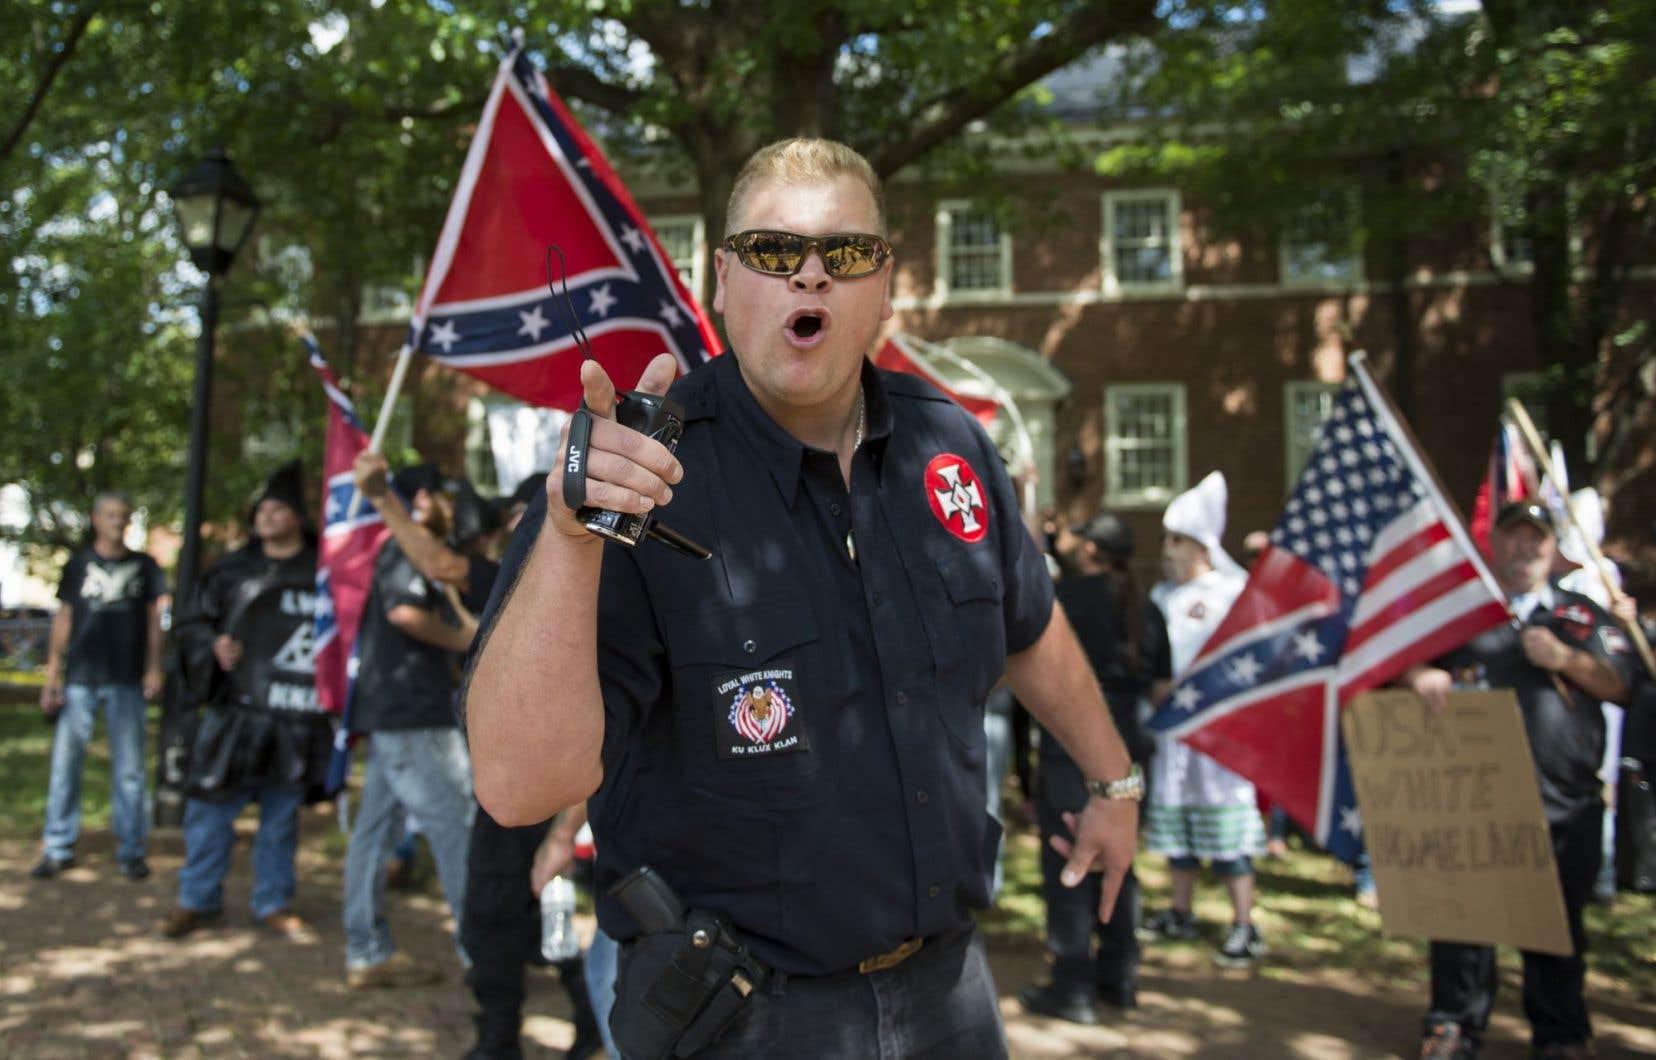 Le 8 juillet dernier, quelques dizaines de membres du Ku Klux Klan s'étaient déjà rassemblés à Charlottesville, en Virginie.